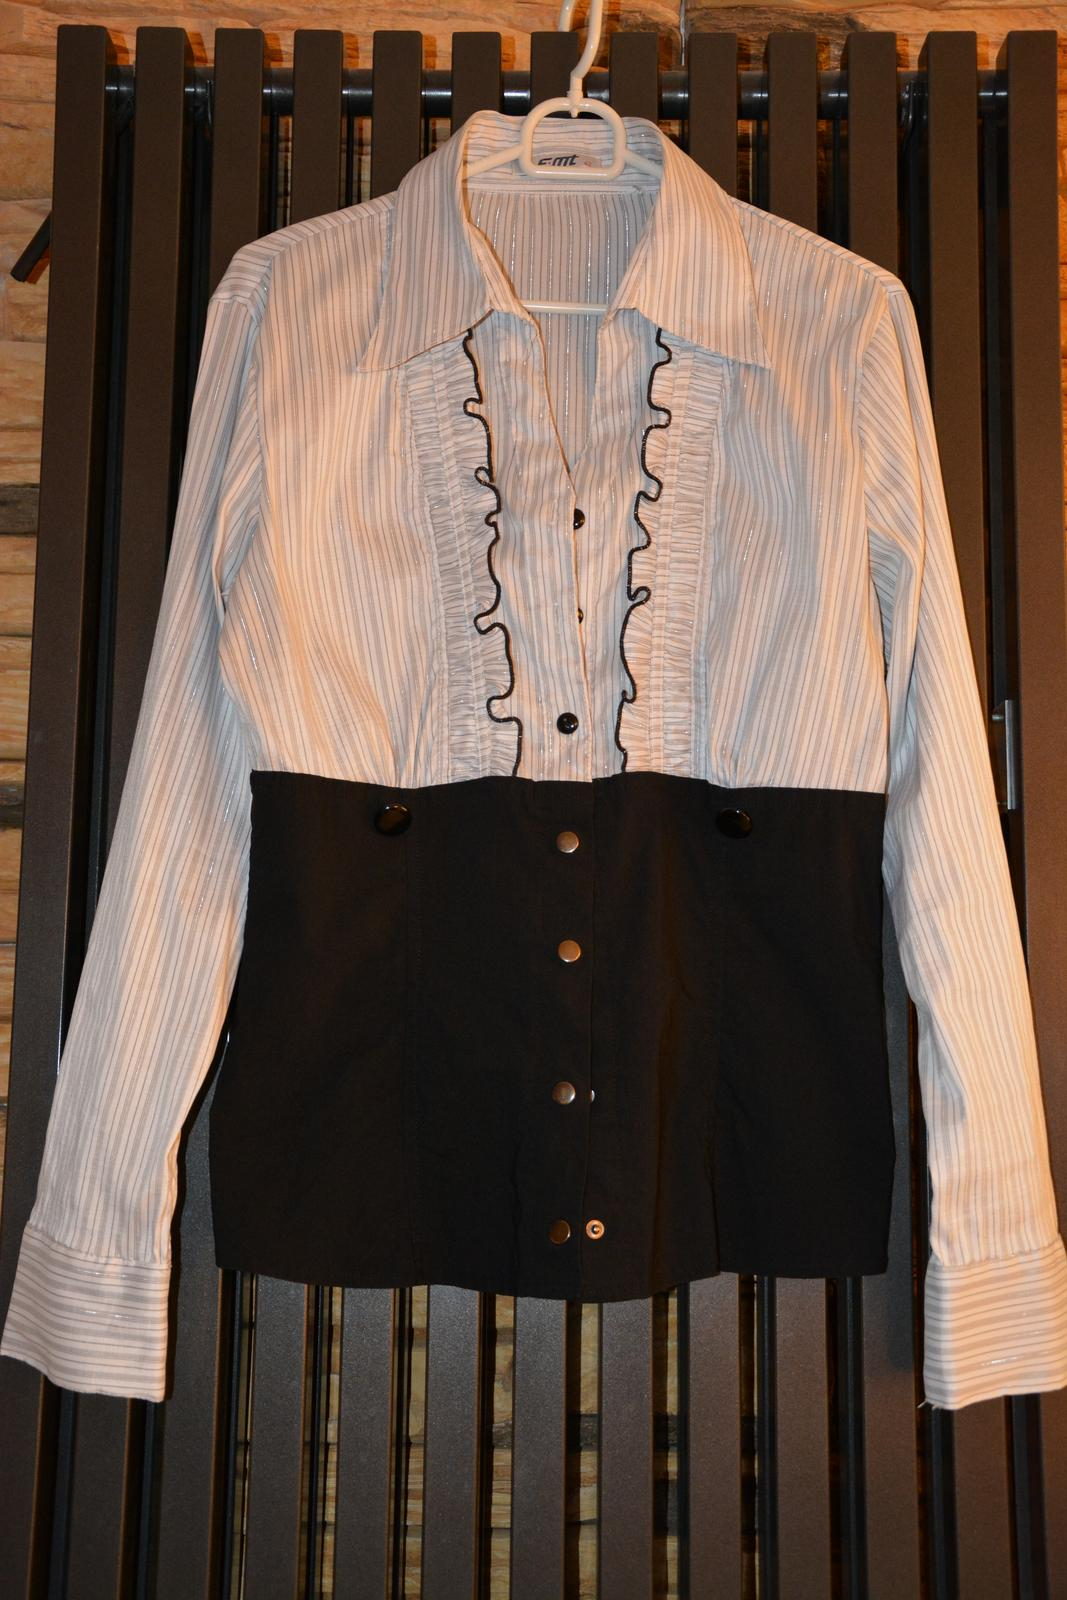 Bílo-černá halenka s šedými proužky - Obrázek č. 1